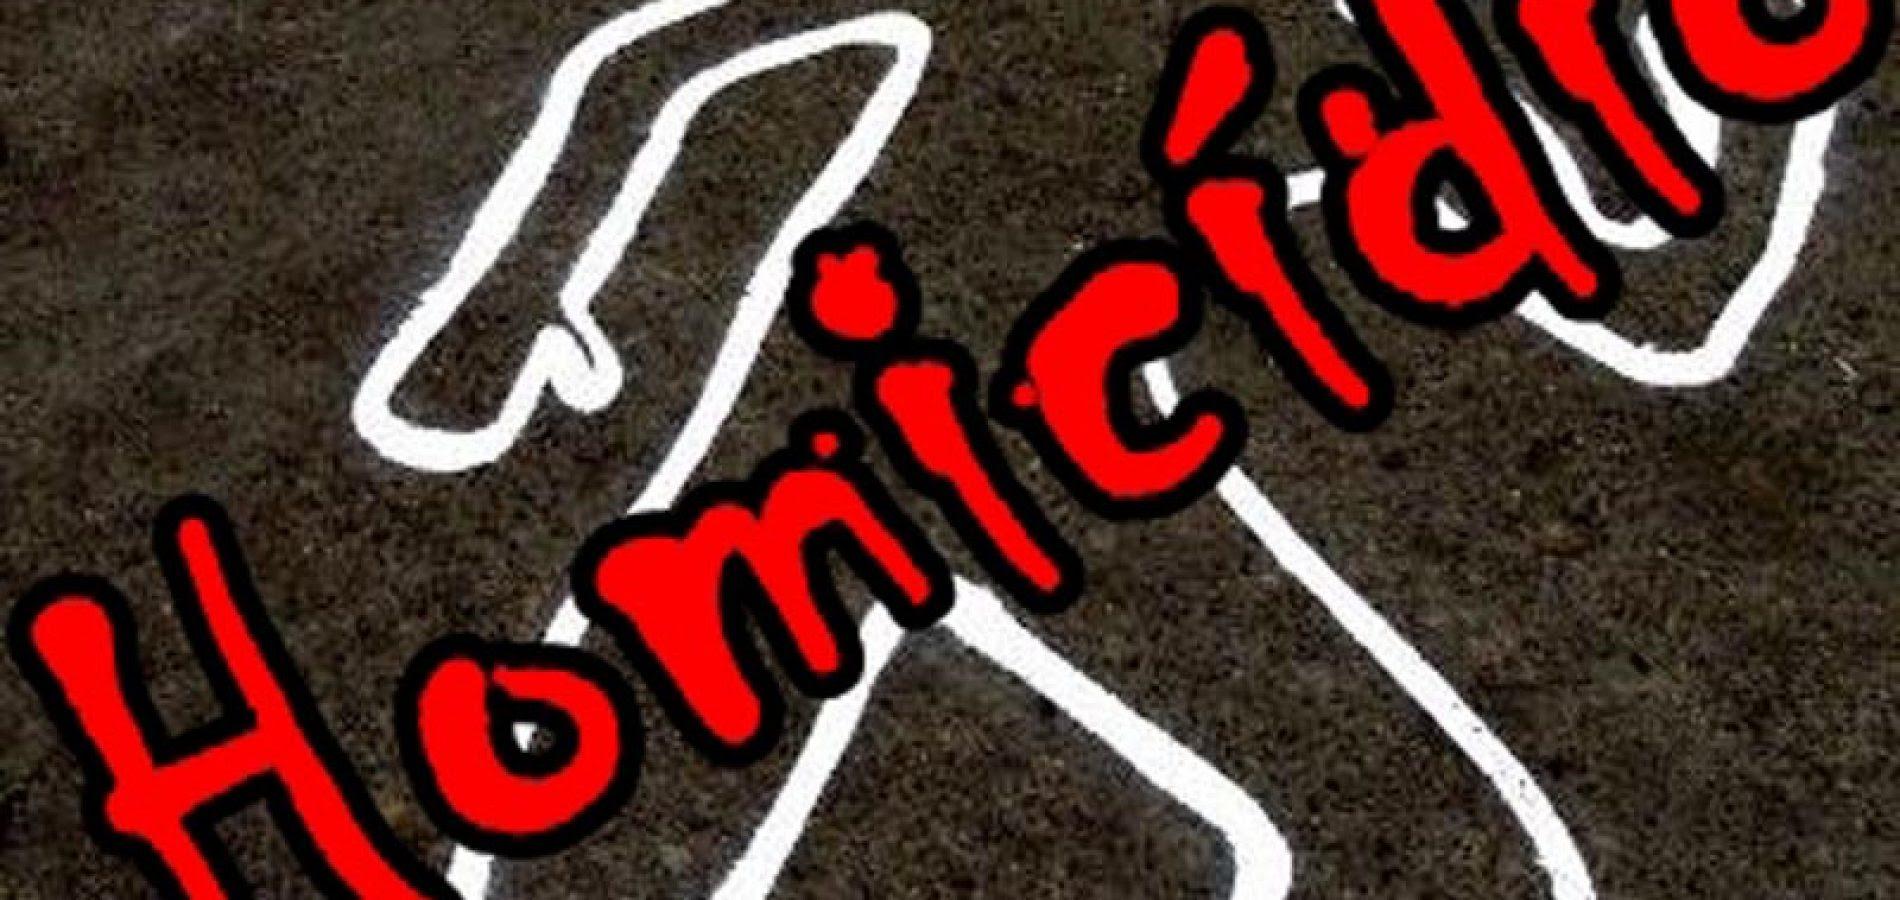 Resultado de imagem para homicidio